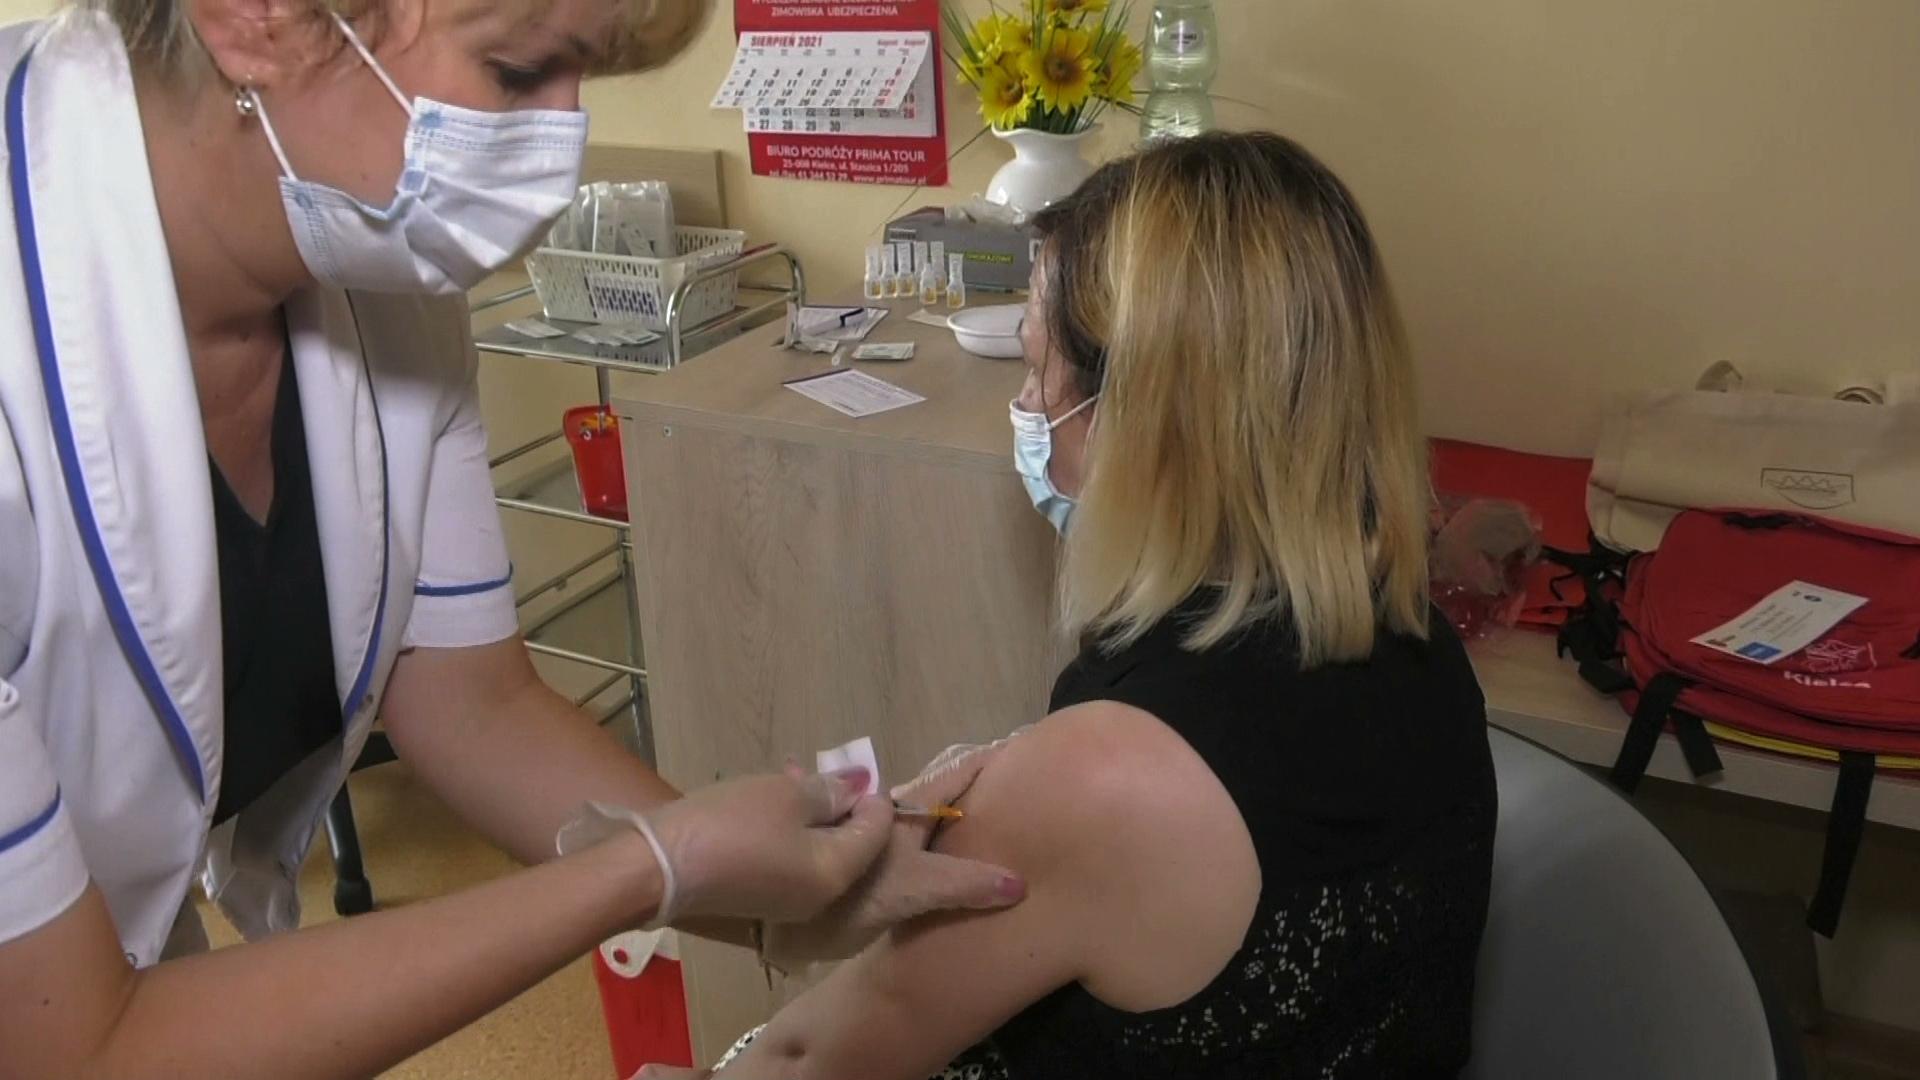 Rada Medyczna rekomenduje rządowi obowiązkowe szczepienia na COVID-19 dla medyków